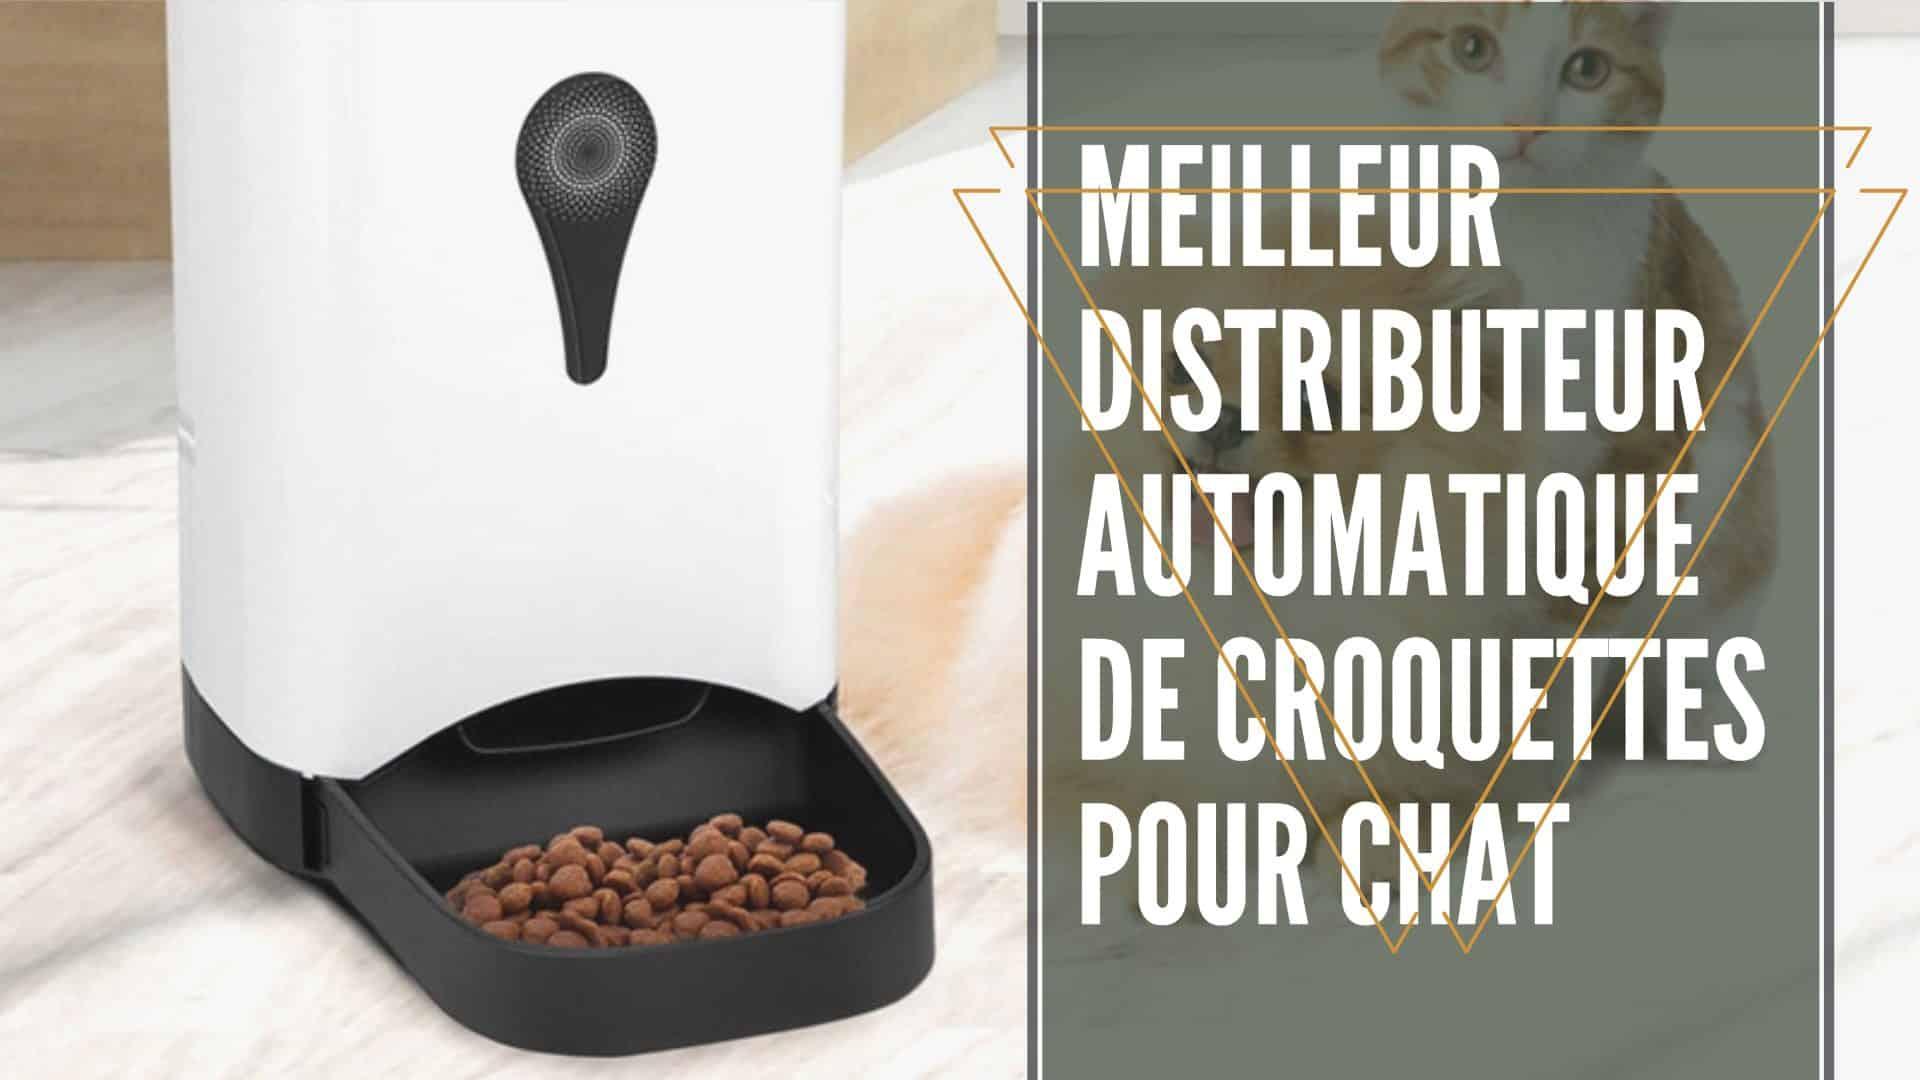 Meilleur Distributeur Automatique De Croquettes Pour Chat